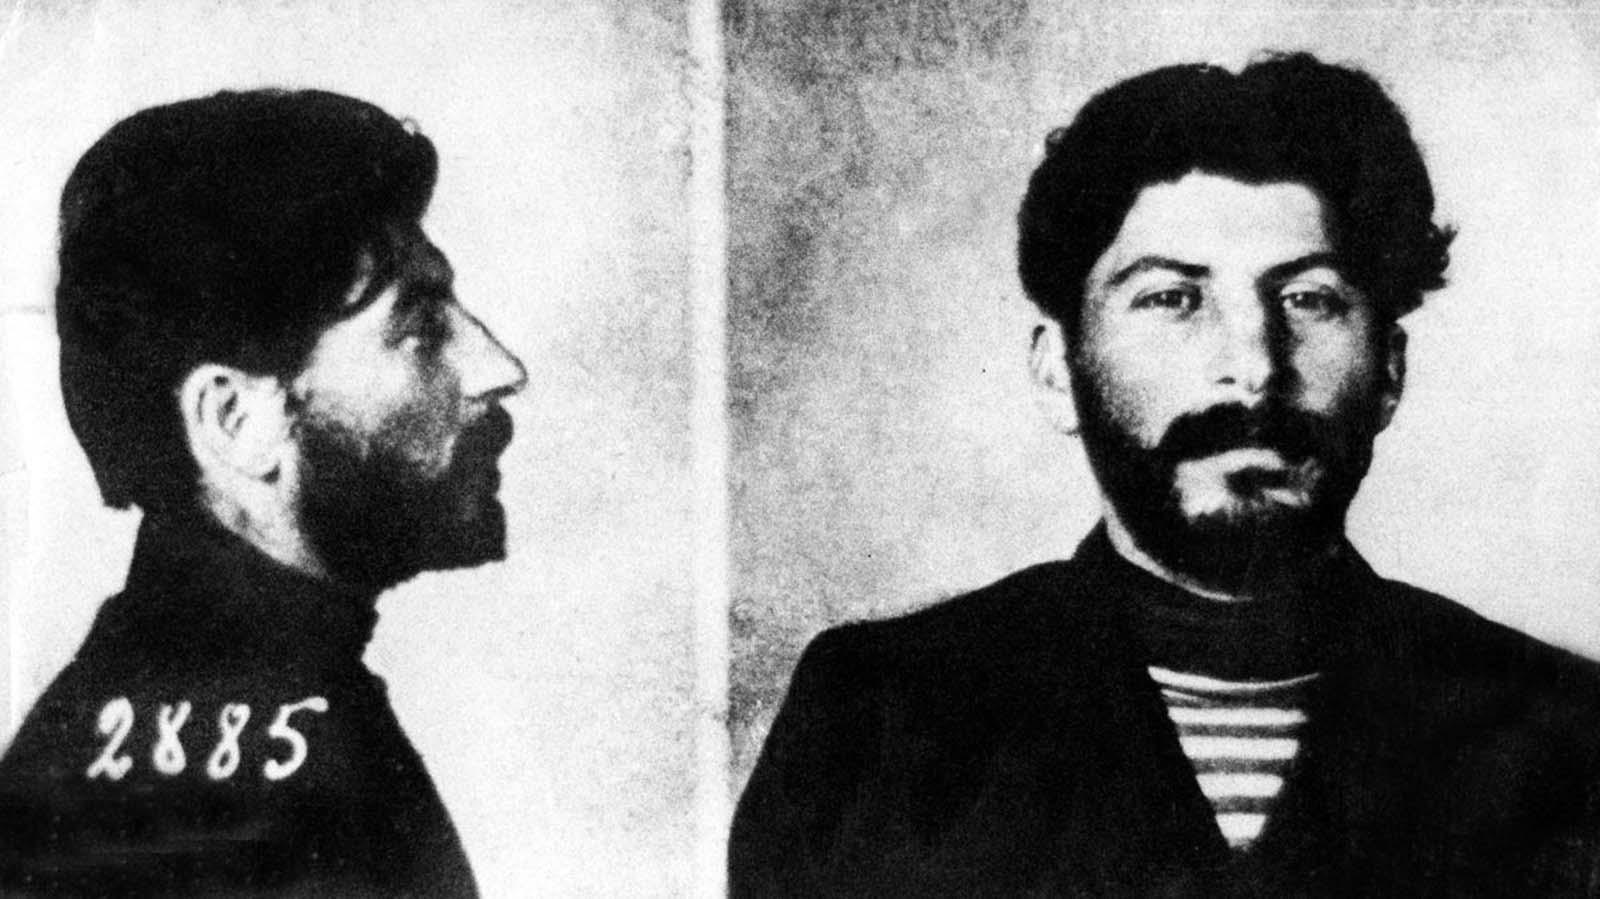 A mugshot of Stalin after an arrest. 1908.